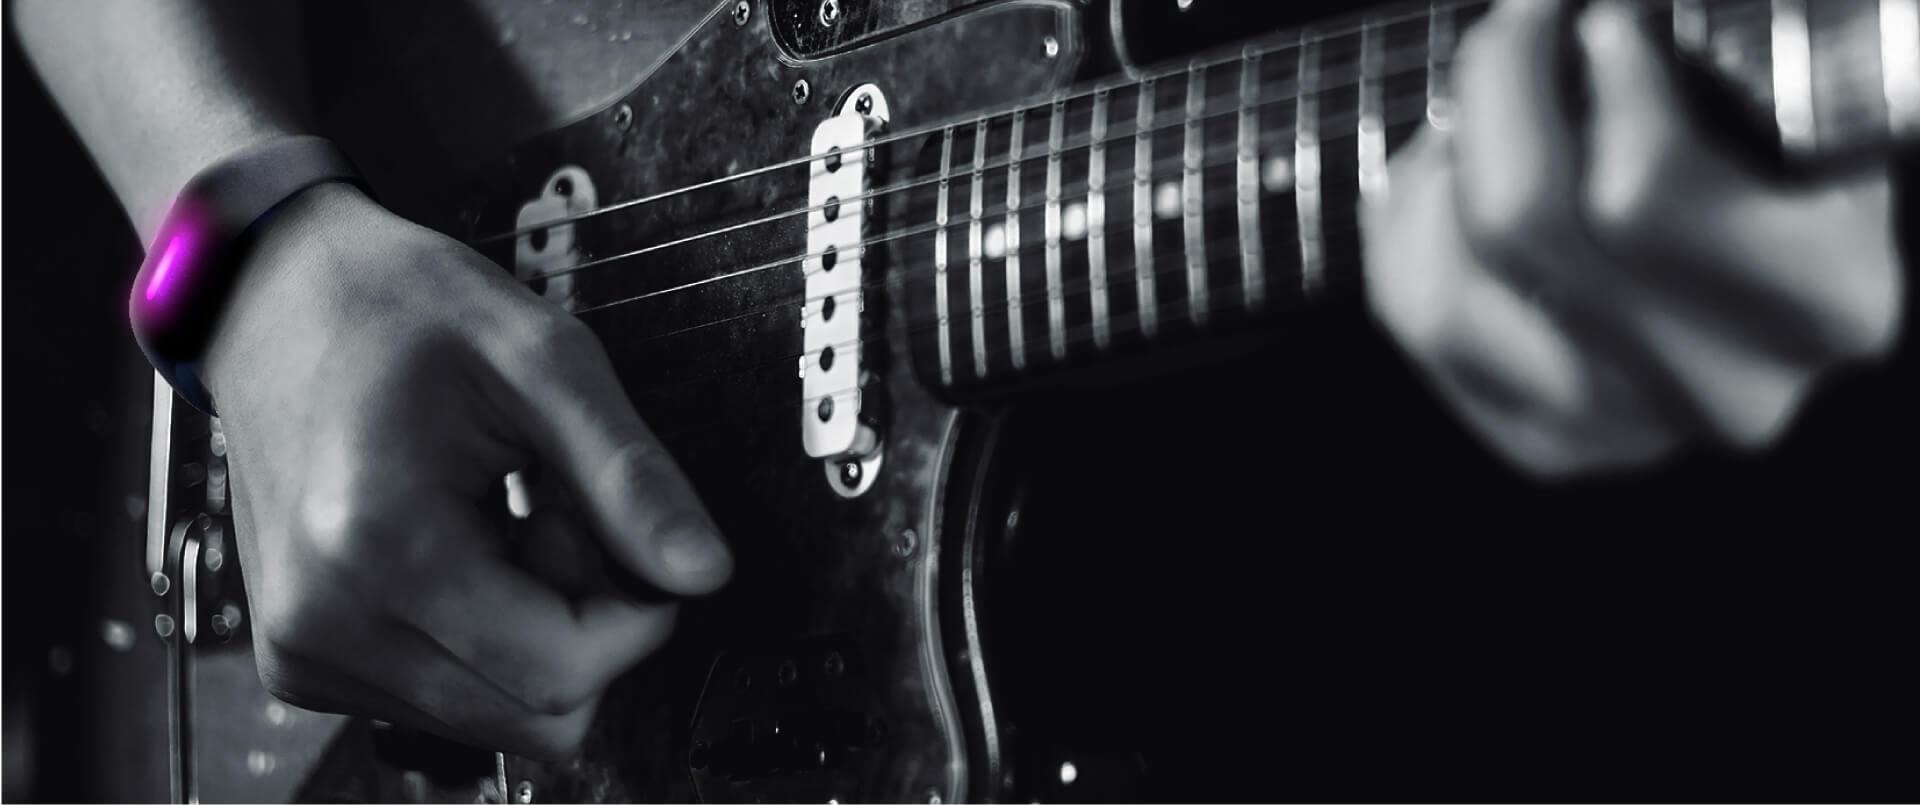 Sonyより体の動きで音を変化させるエフェクター「MOTION SONIC」が登場!Indiegogoにてクラウドファンディングの募集開始 music210531_sony-motion-sonic-210531_5